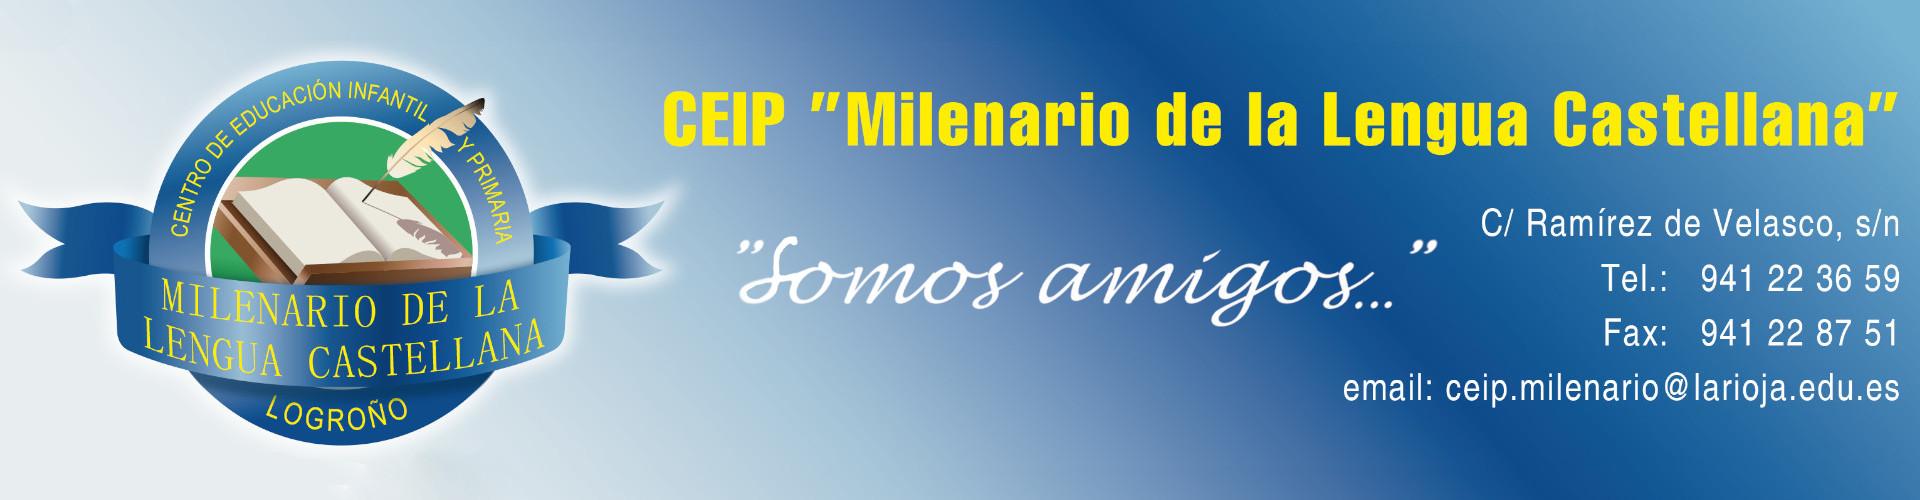 Bienvenidos al CEIP Milenario de la Lengua